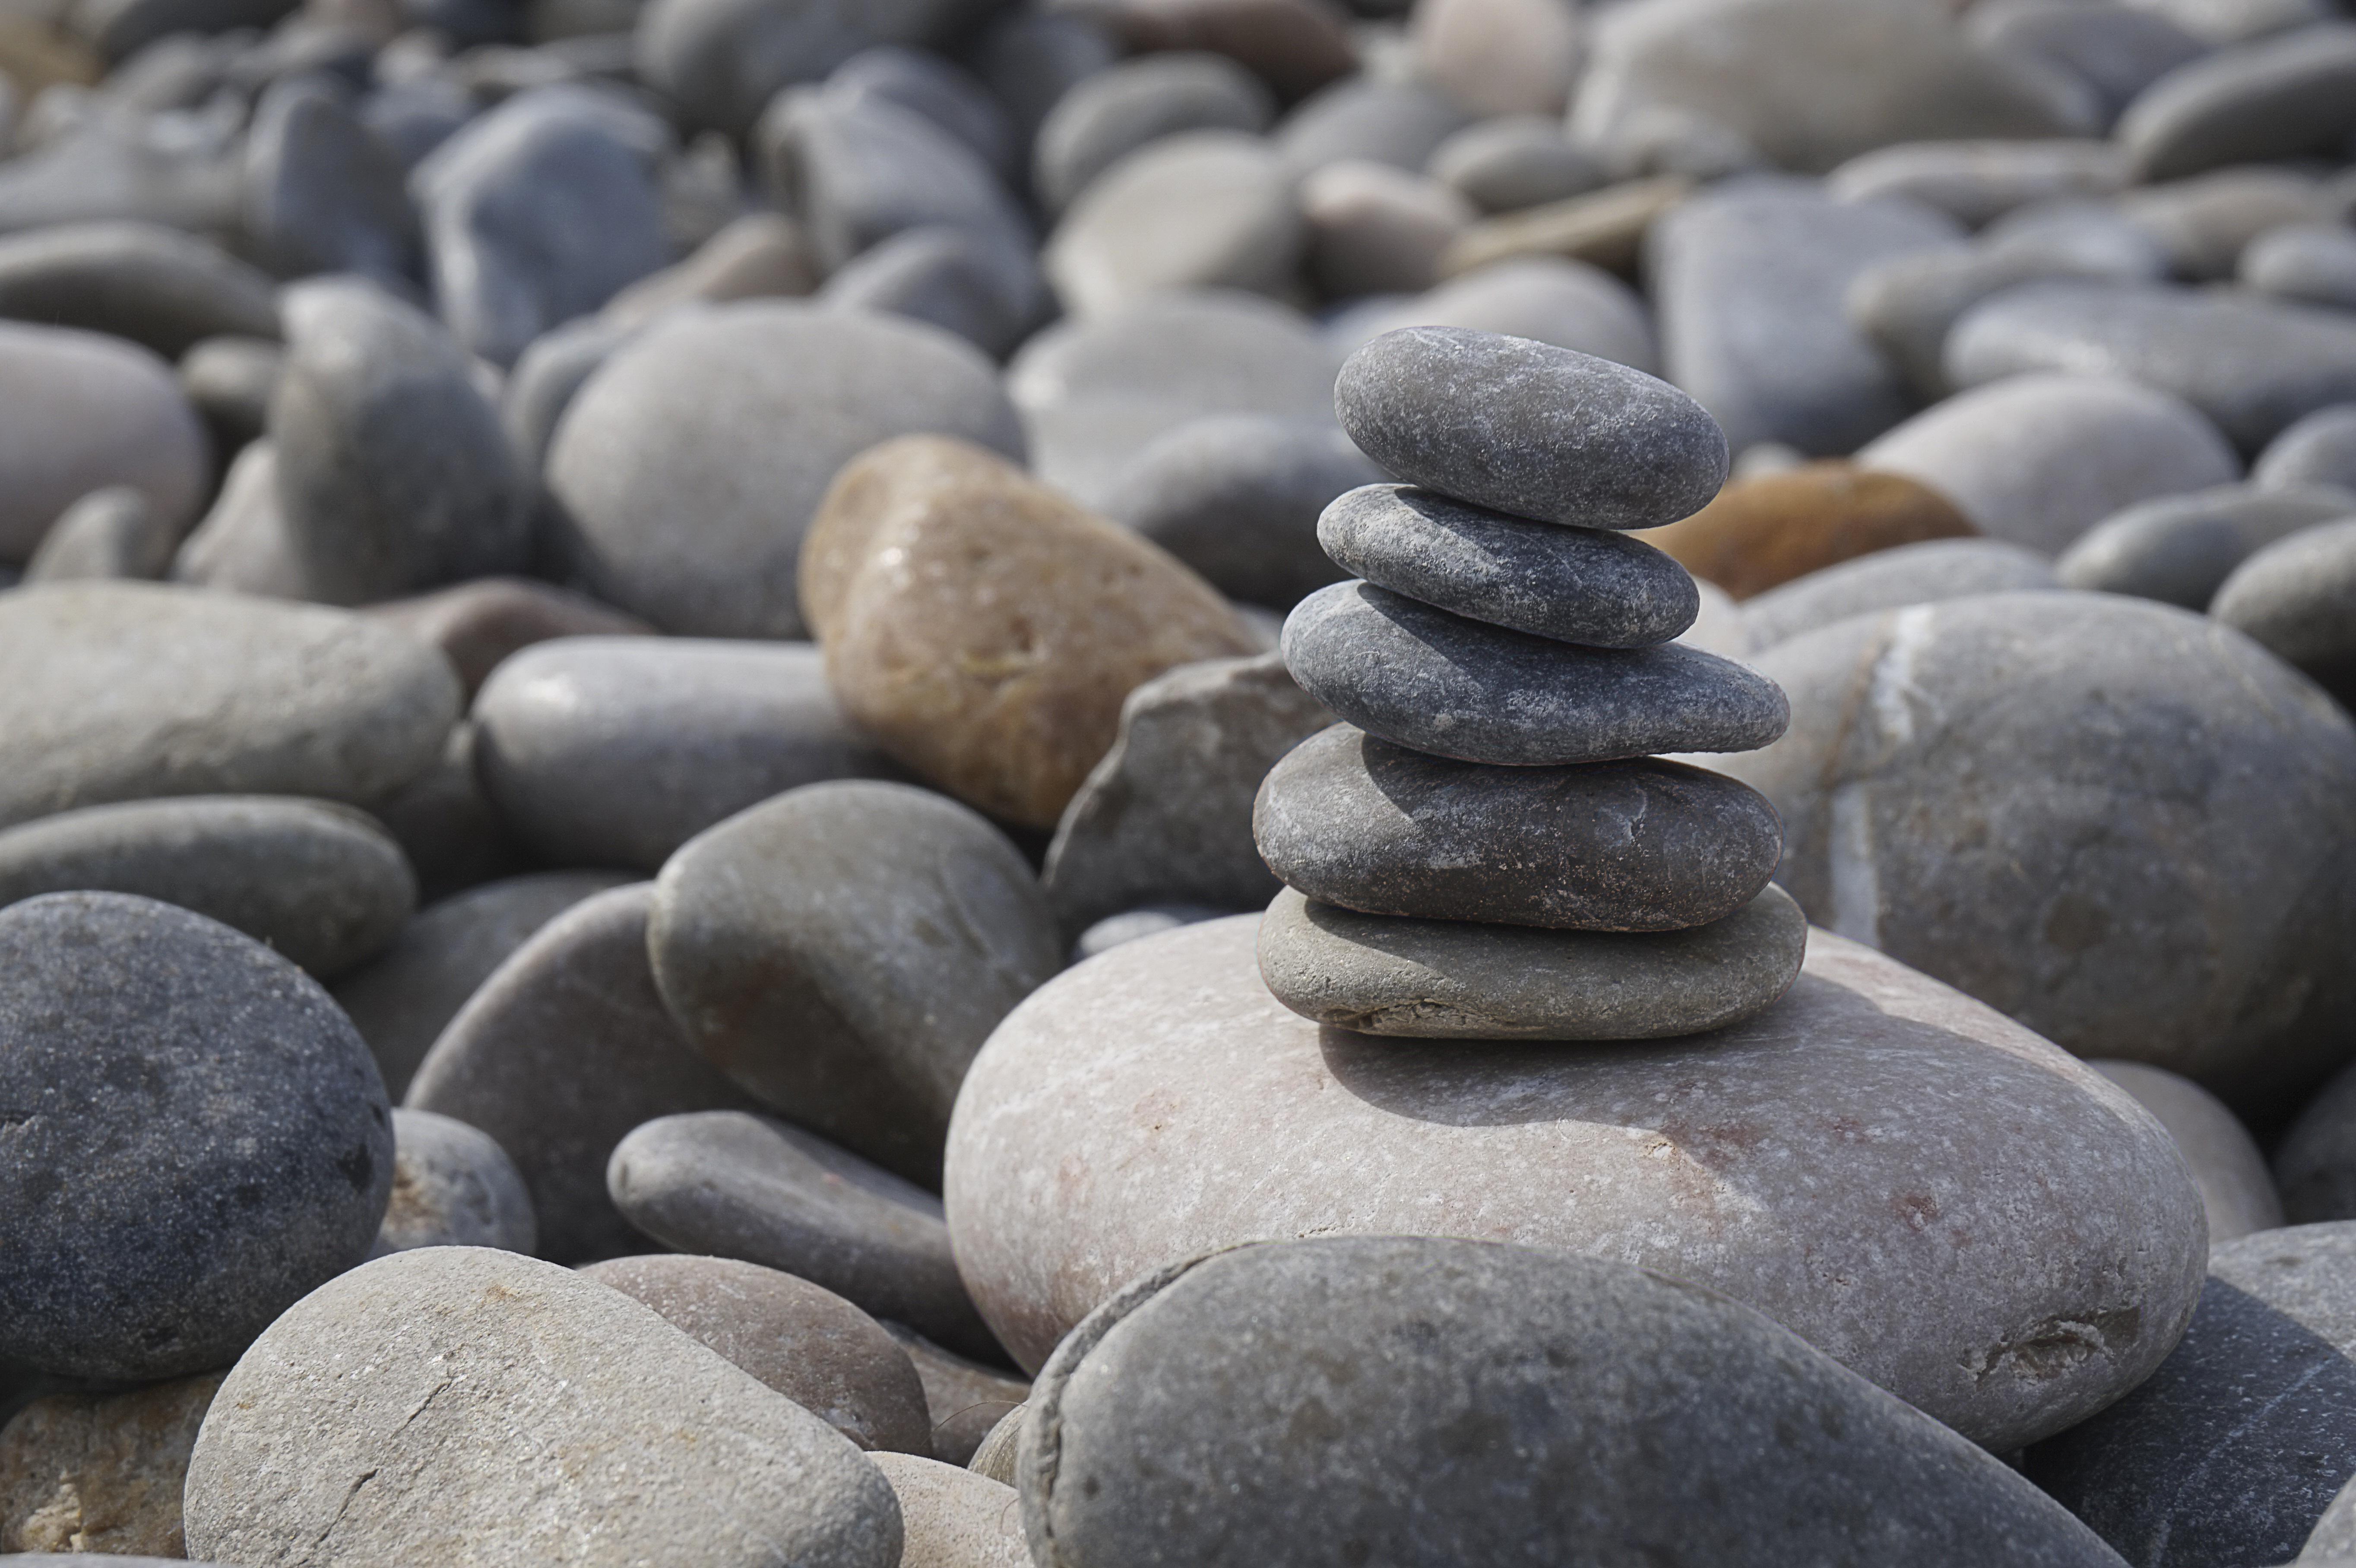 sten grønomstilling vedvarende energi (Foto: Pxhere)